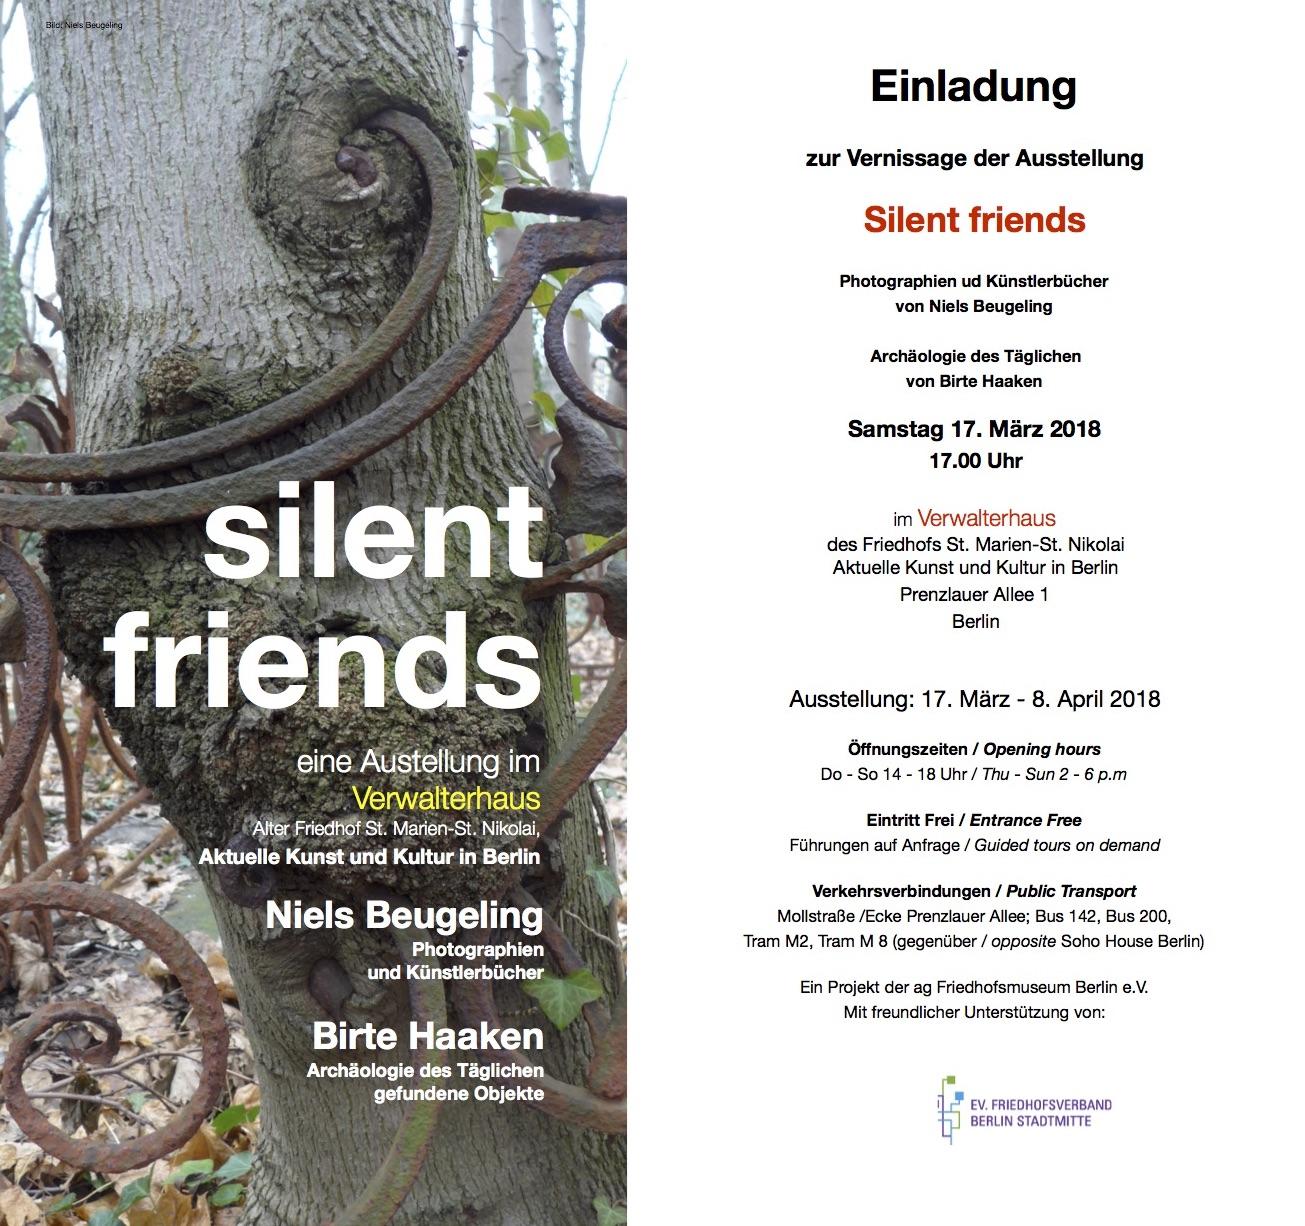 EINLADUNG_UITNODIGING_Silent Friends ausstellung Berlin 2